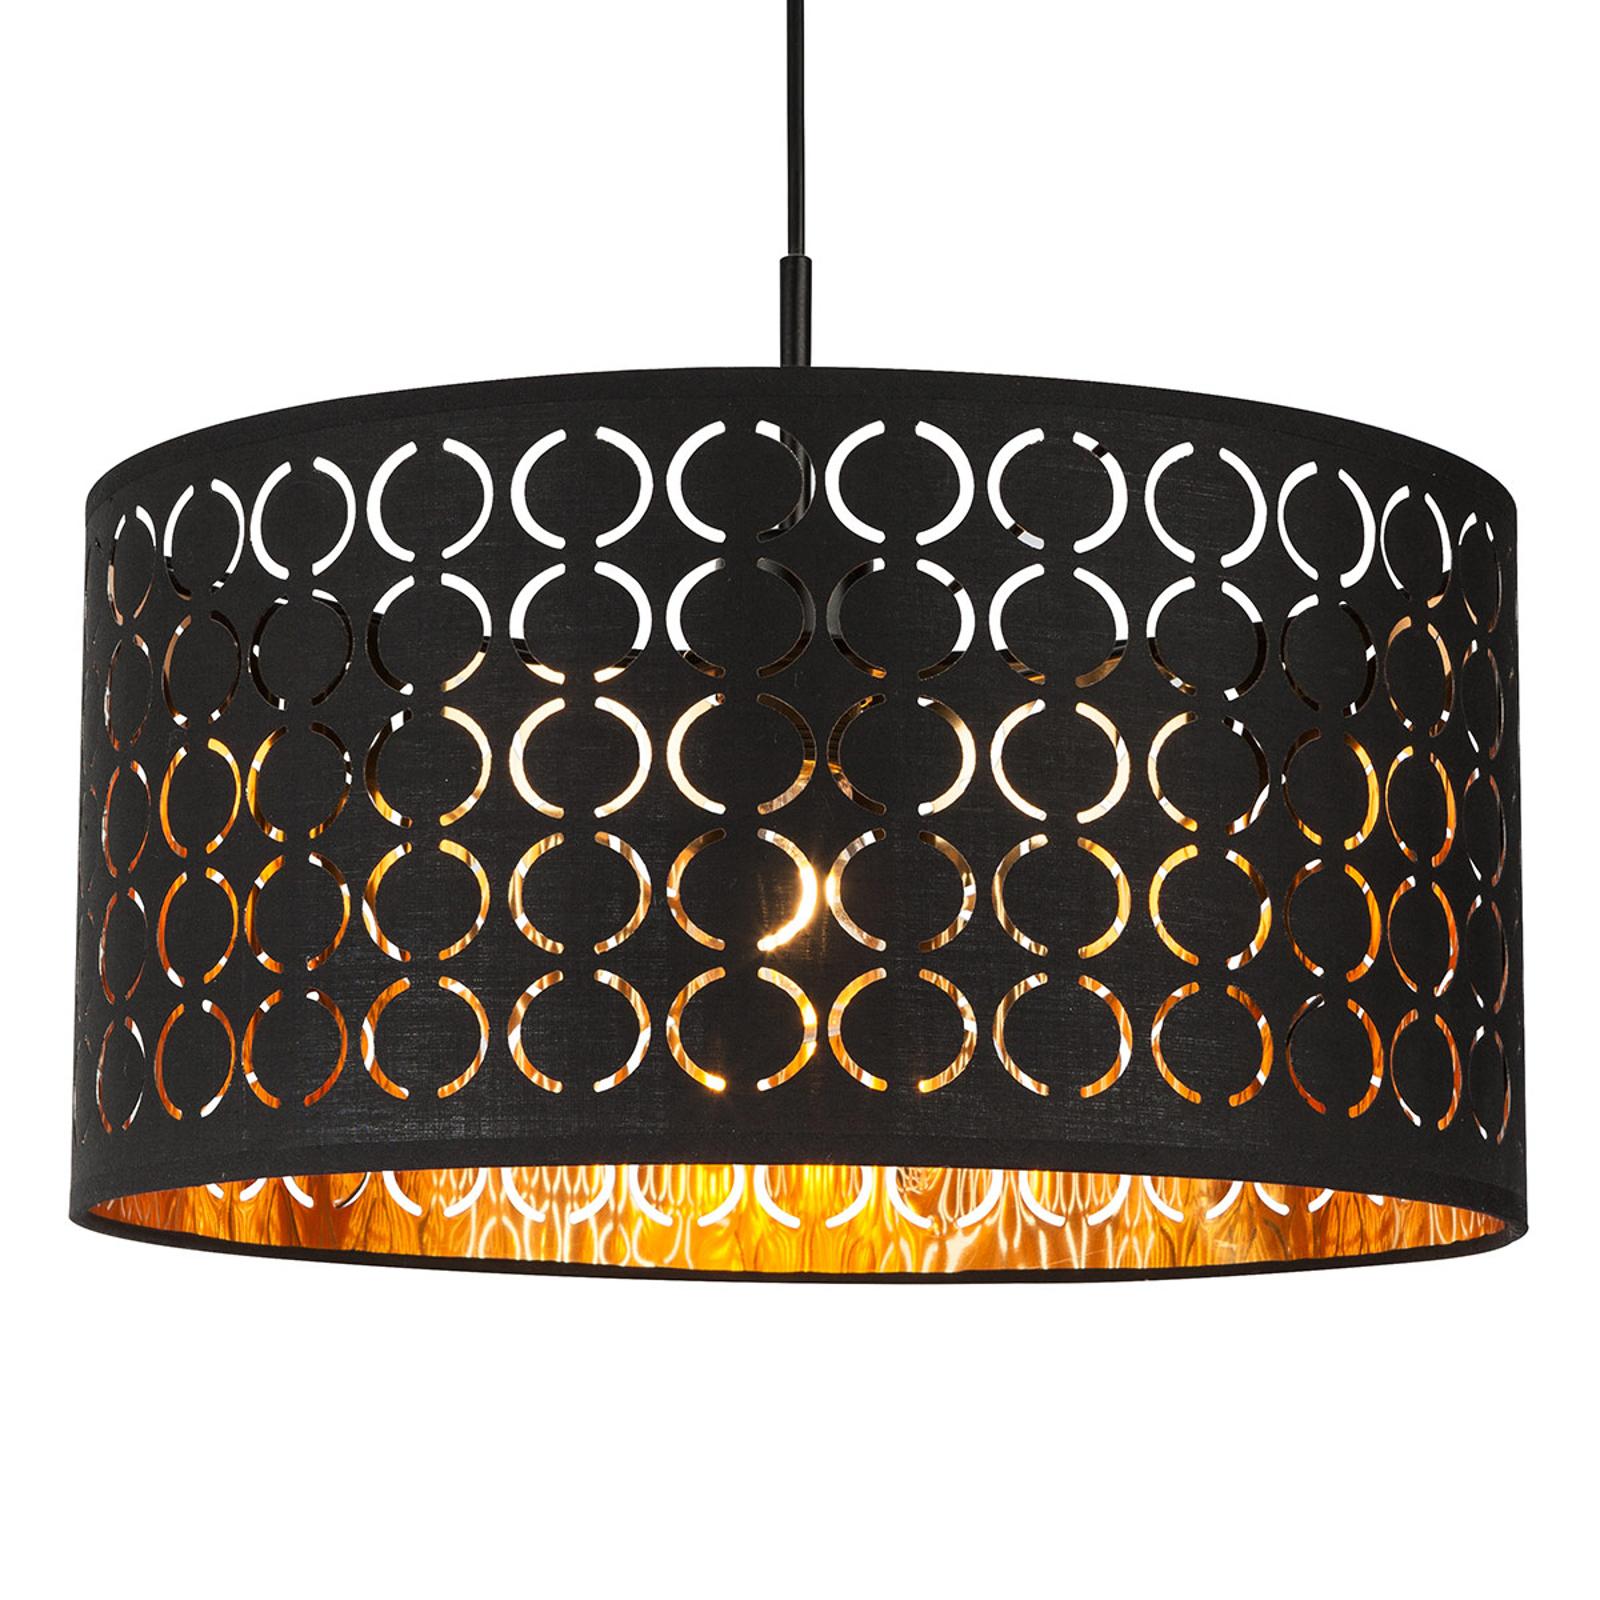 Harald hængelampe o orientalsk stil, sort